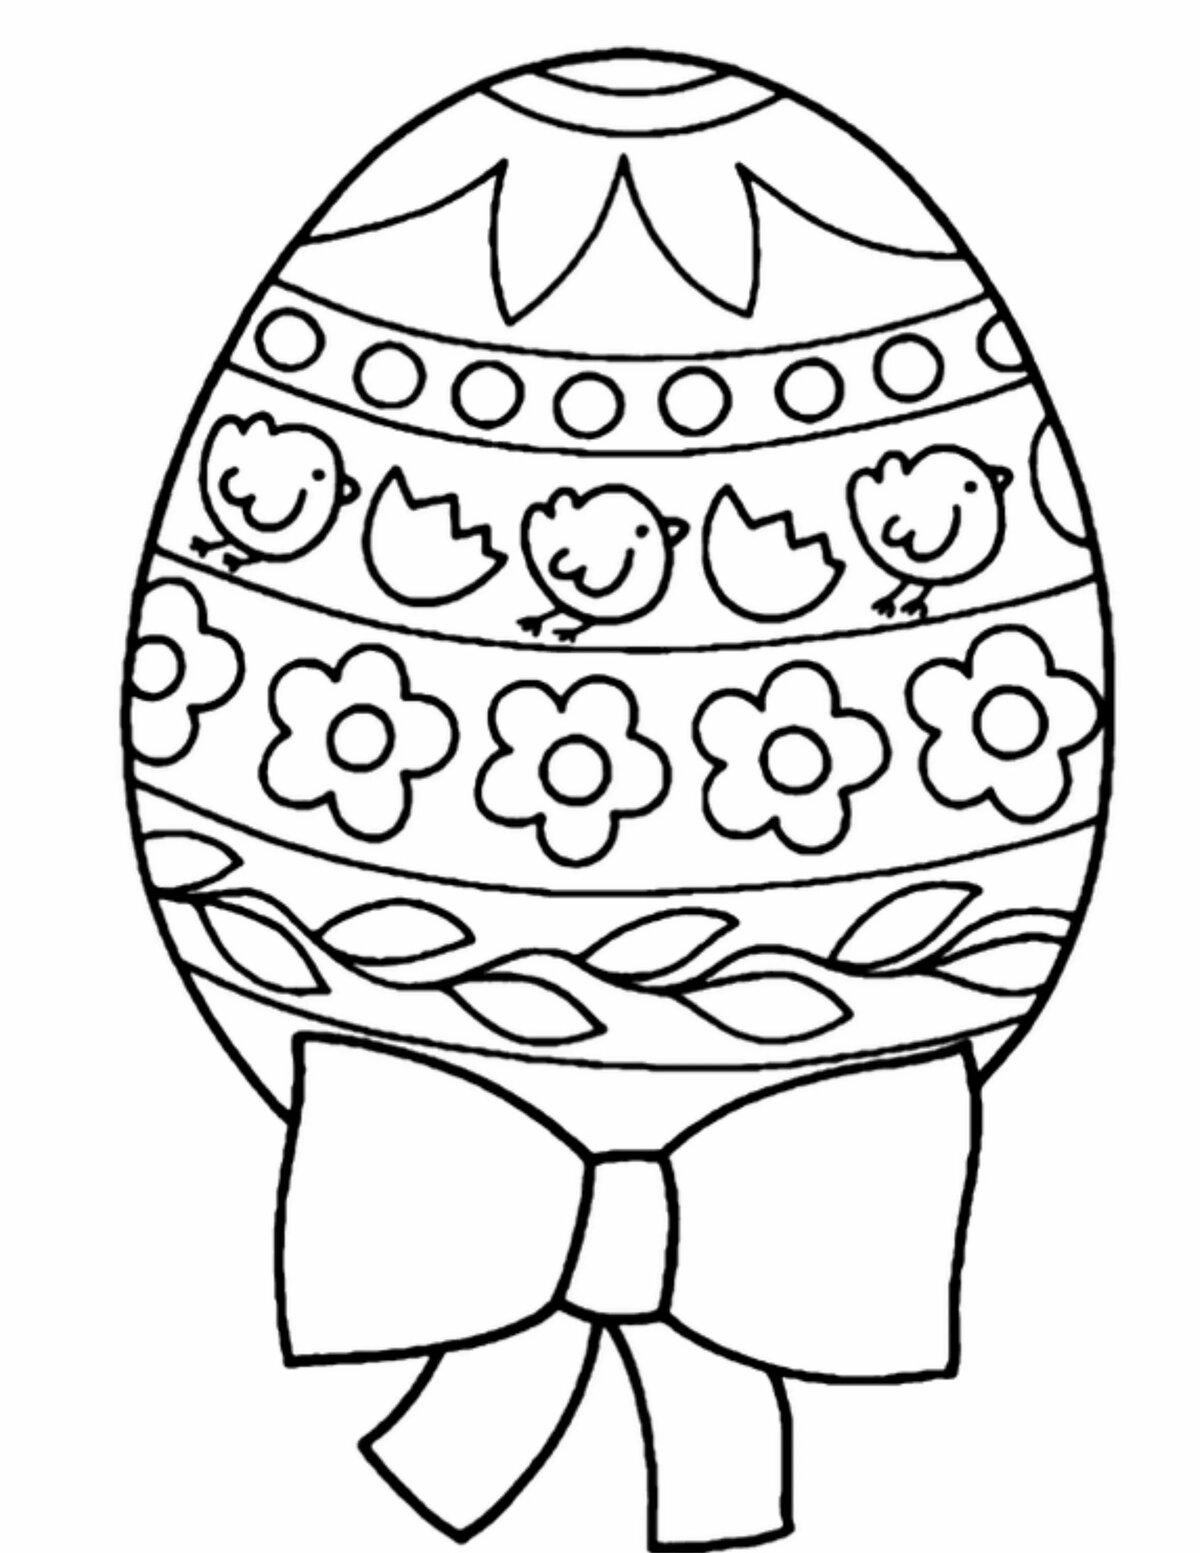 Картинки пасхальных яиц раскраски, влюбленных волков